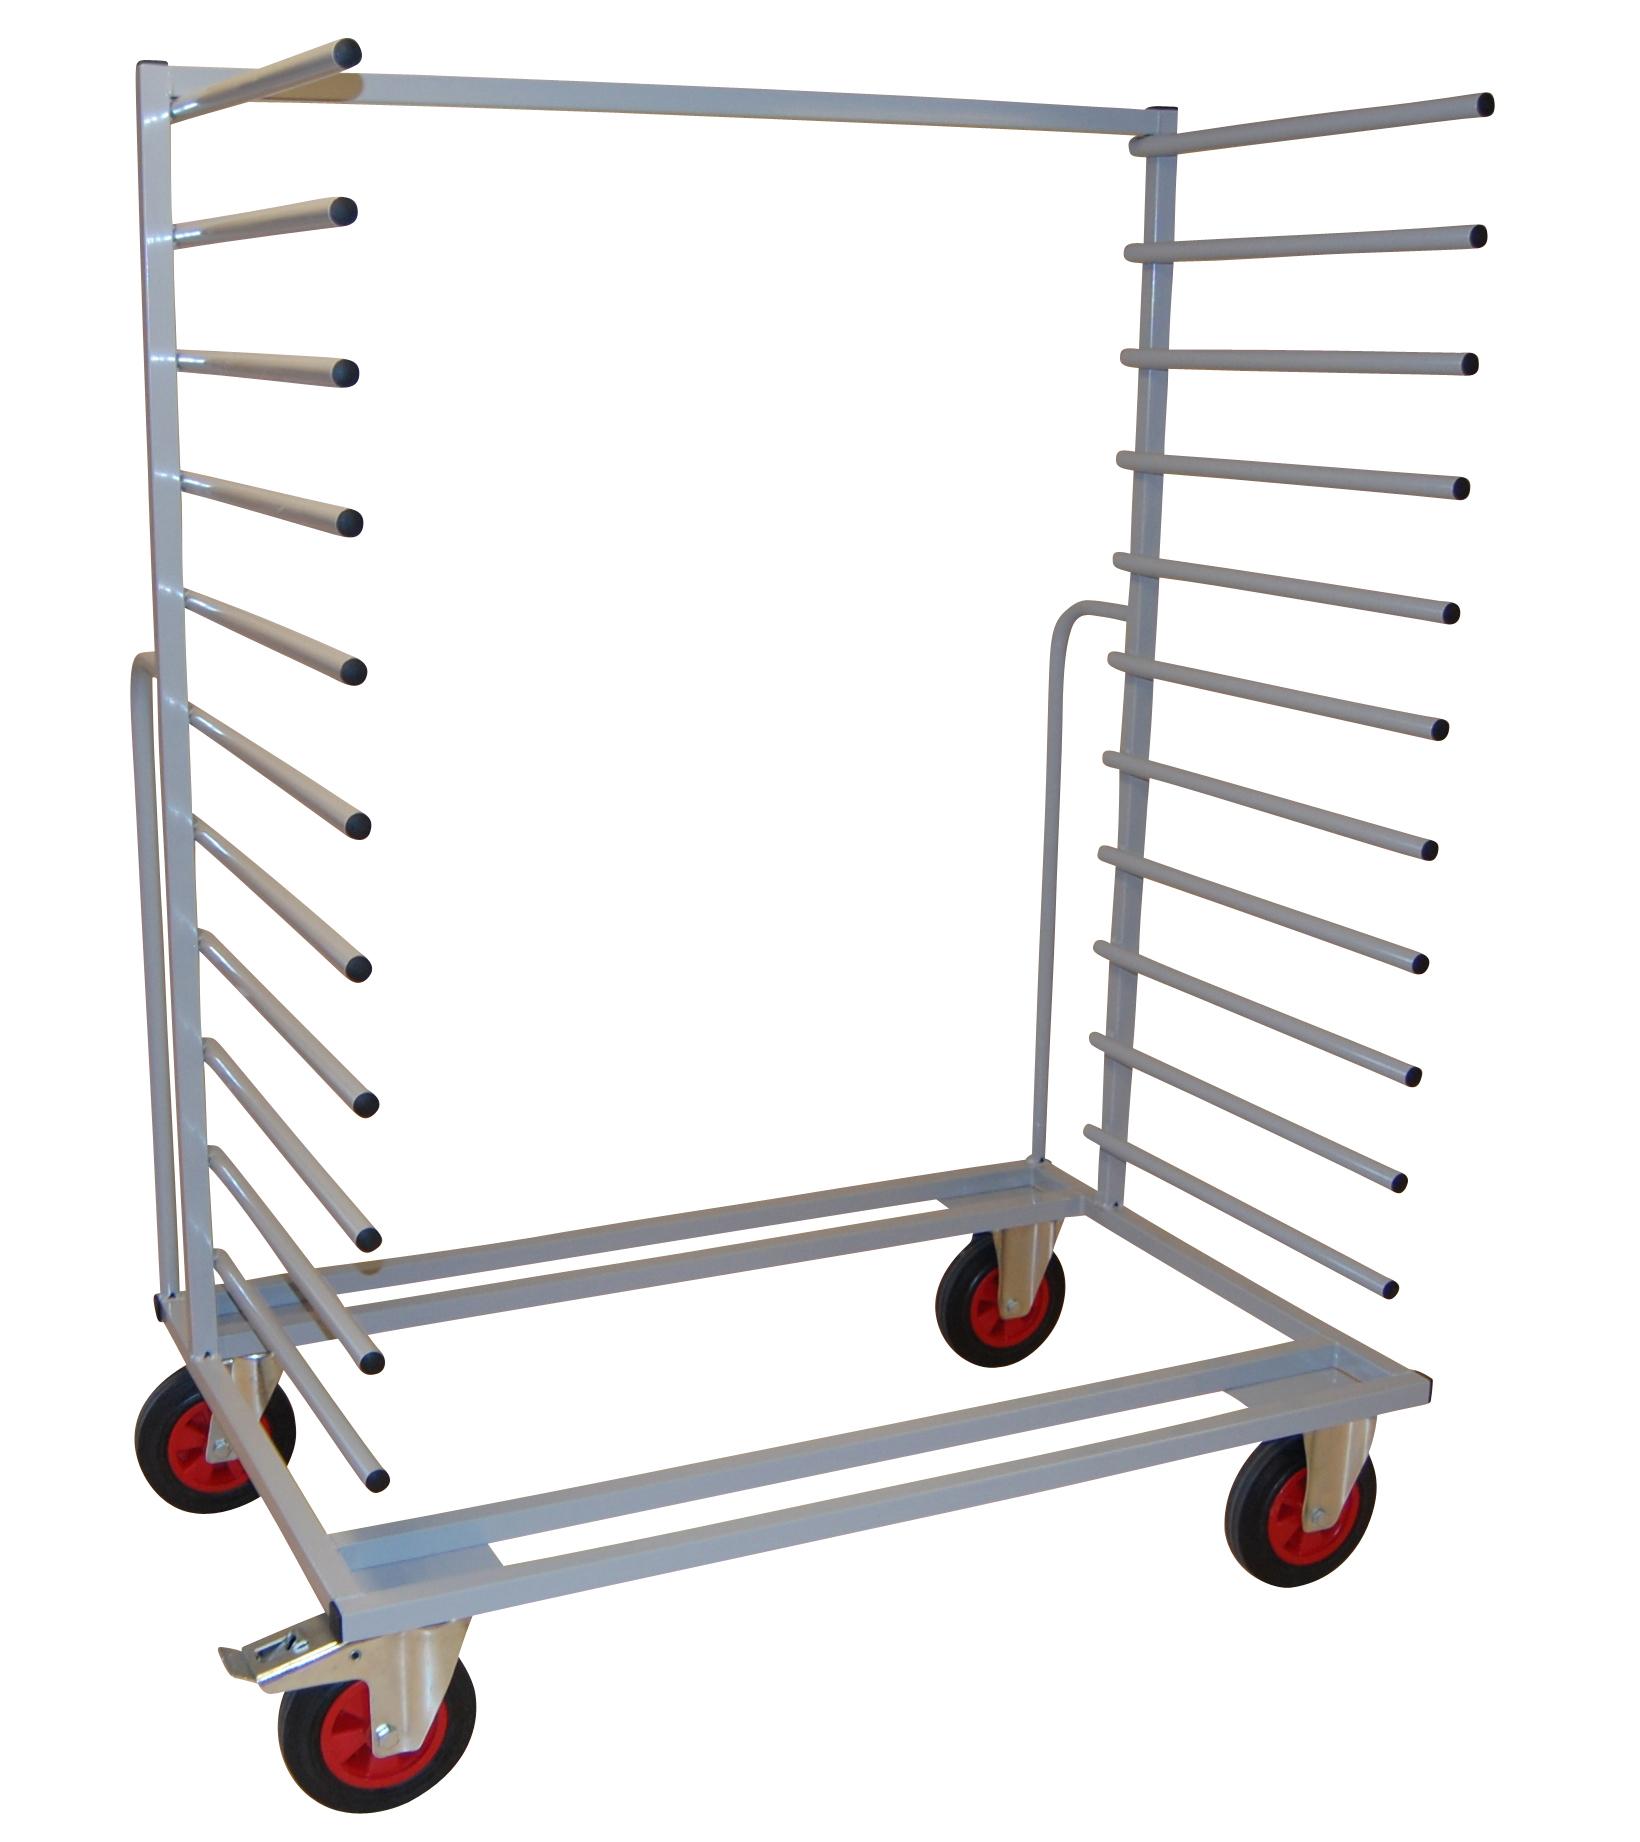 Produit: Chariot à barres- Structure en tube carré- 22 bras soudés- 2 poignées de guidage à l'arrièr...